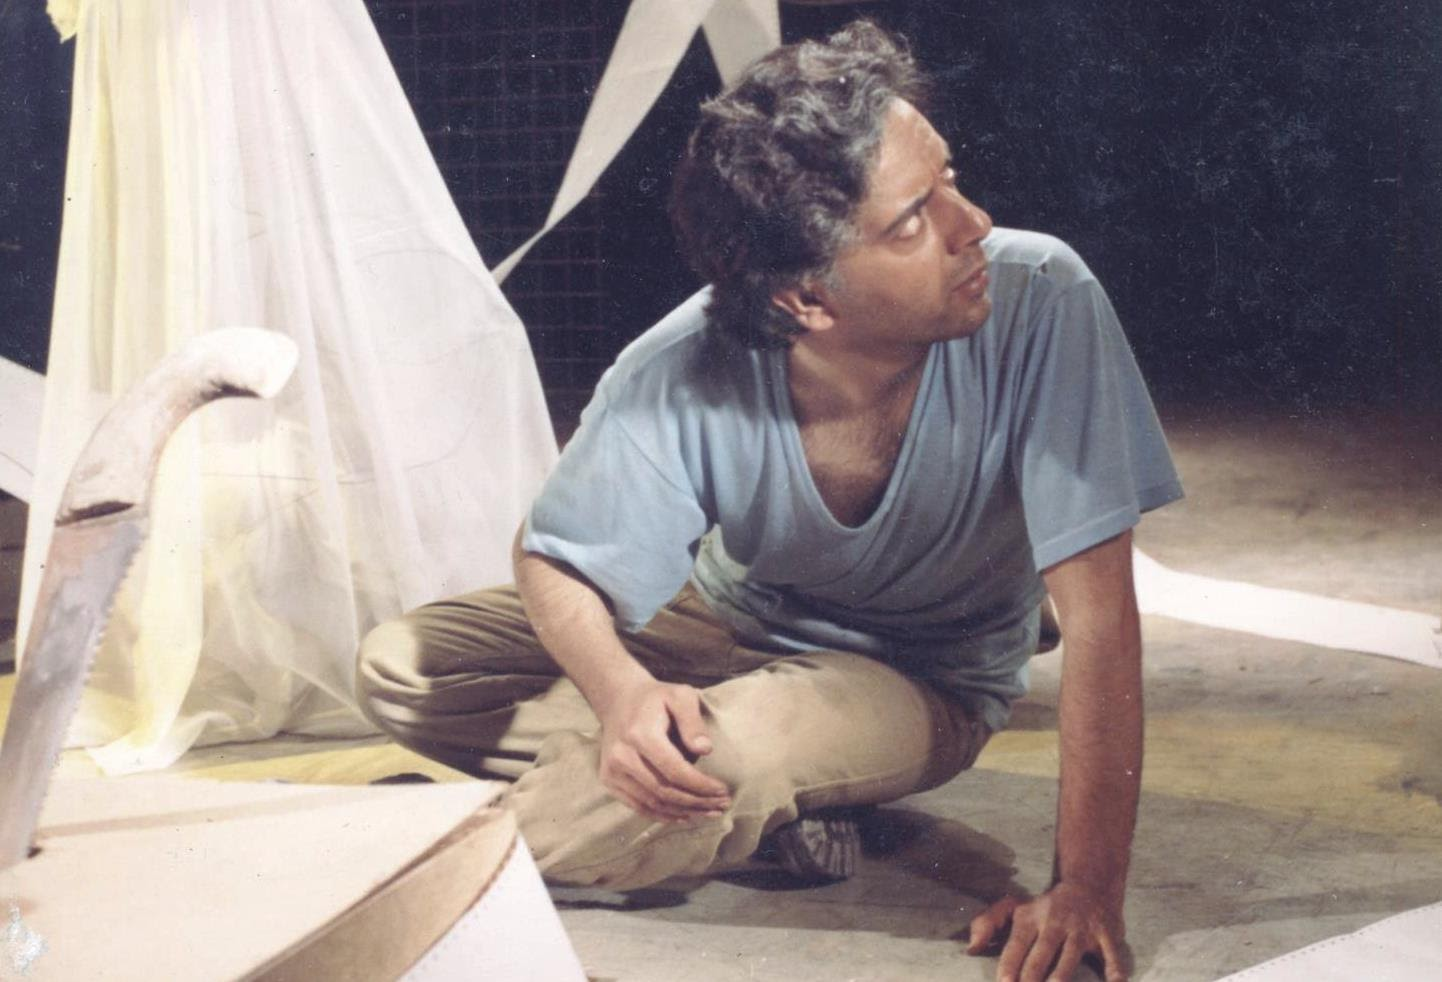 تئاتر تلویزیونی دریا دریا ستاره به کارگردانی مسعود مهرگان